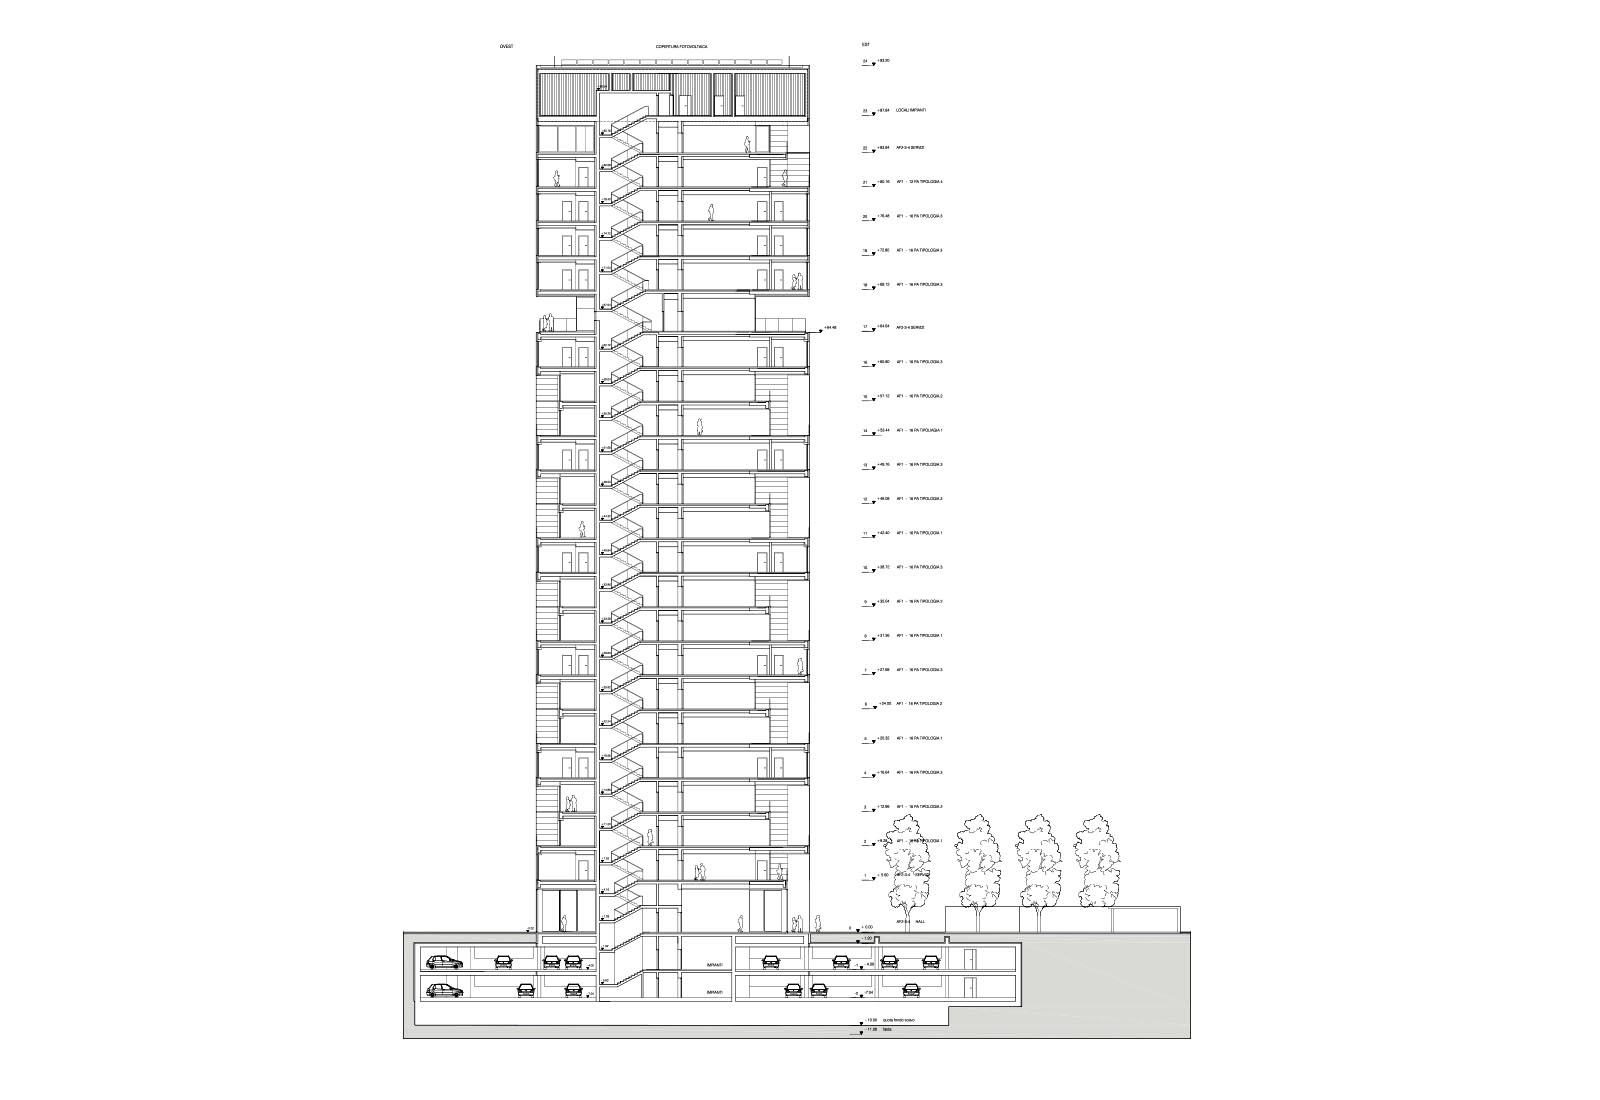 Edificio a torre dell'Università Bocconi a Milano - Sezione B-B'